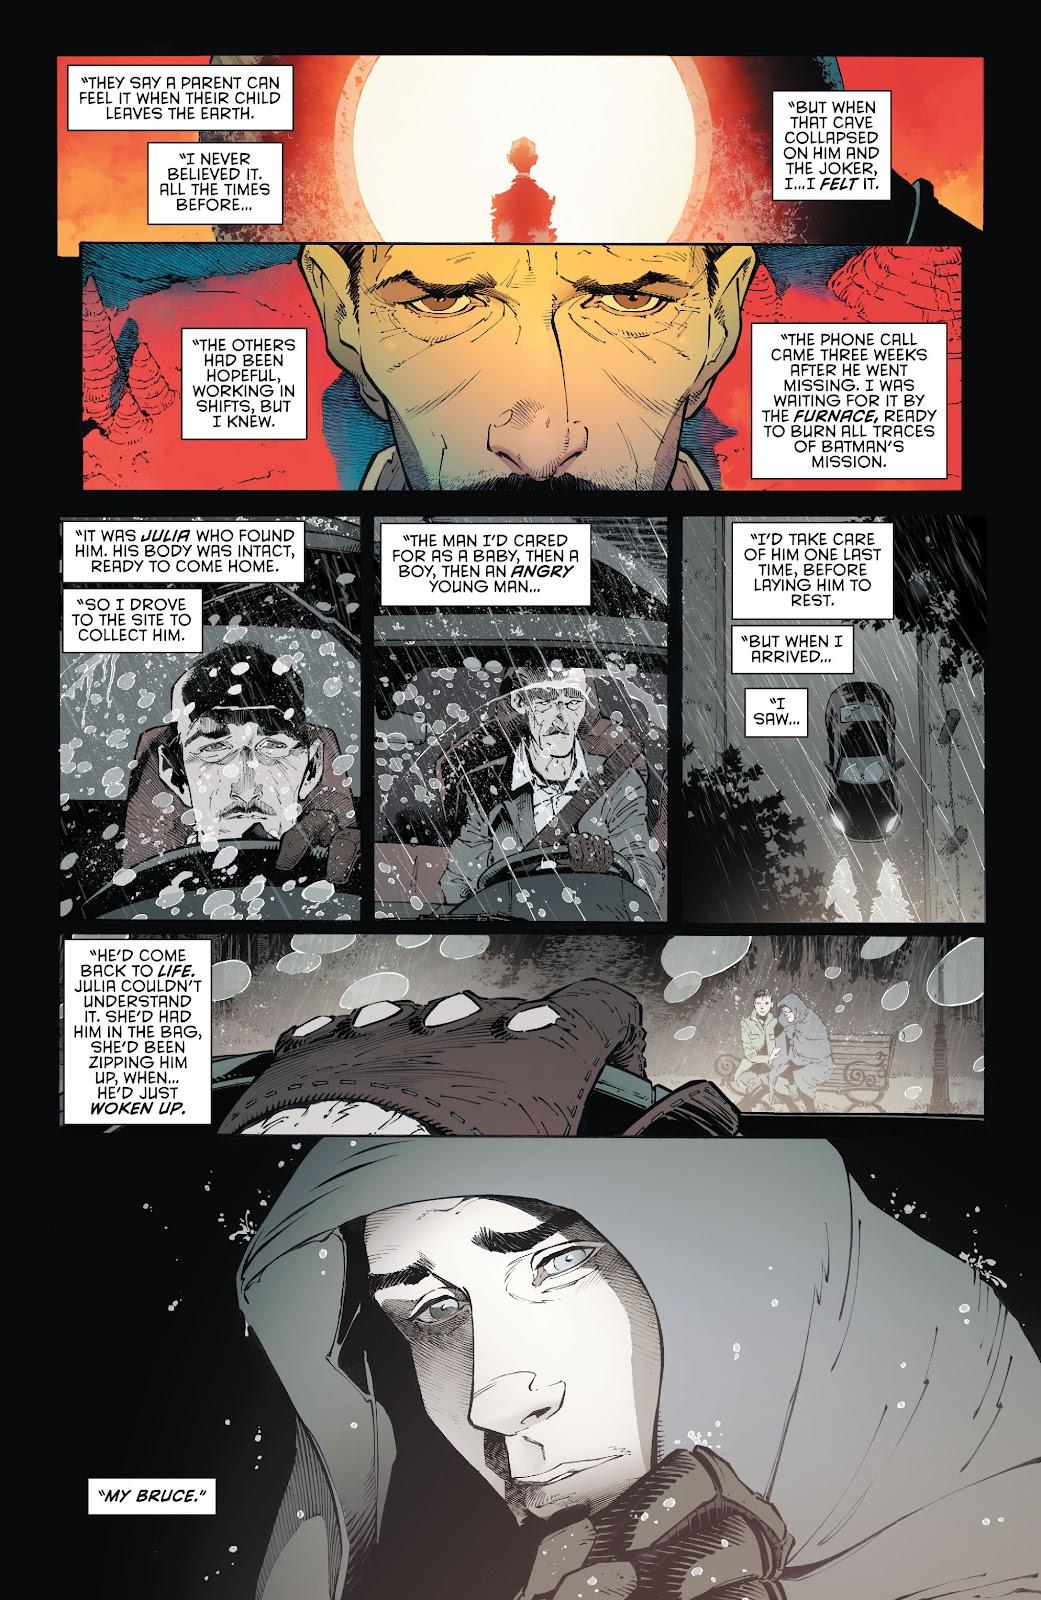 Batman (2011) Issue #43 #62 - English 9